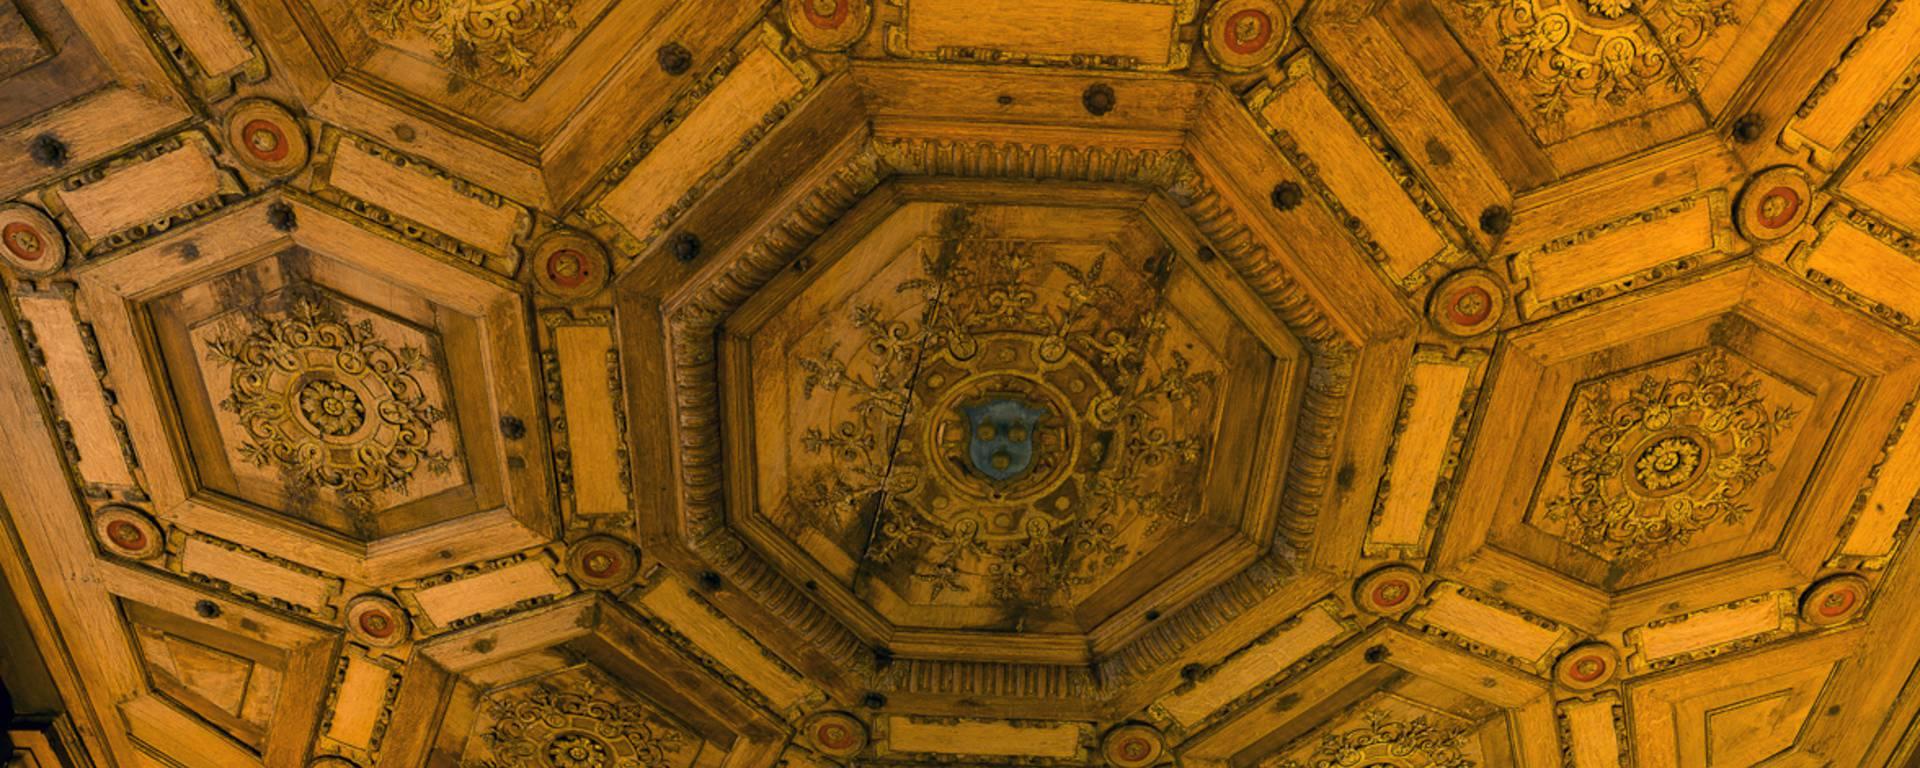 Soffitto del castello di Beauregard